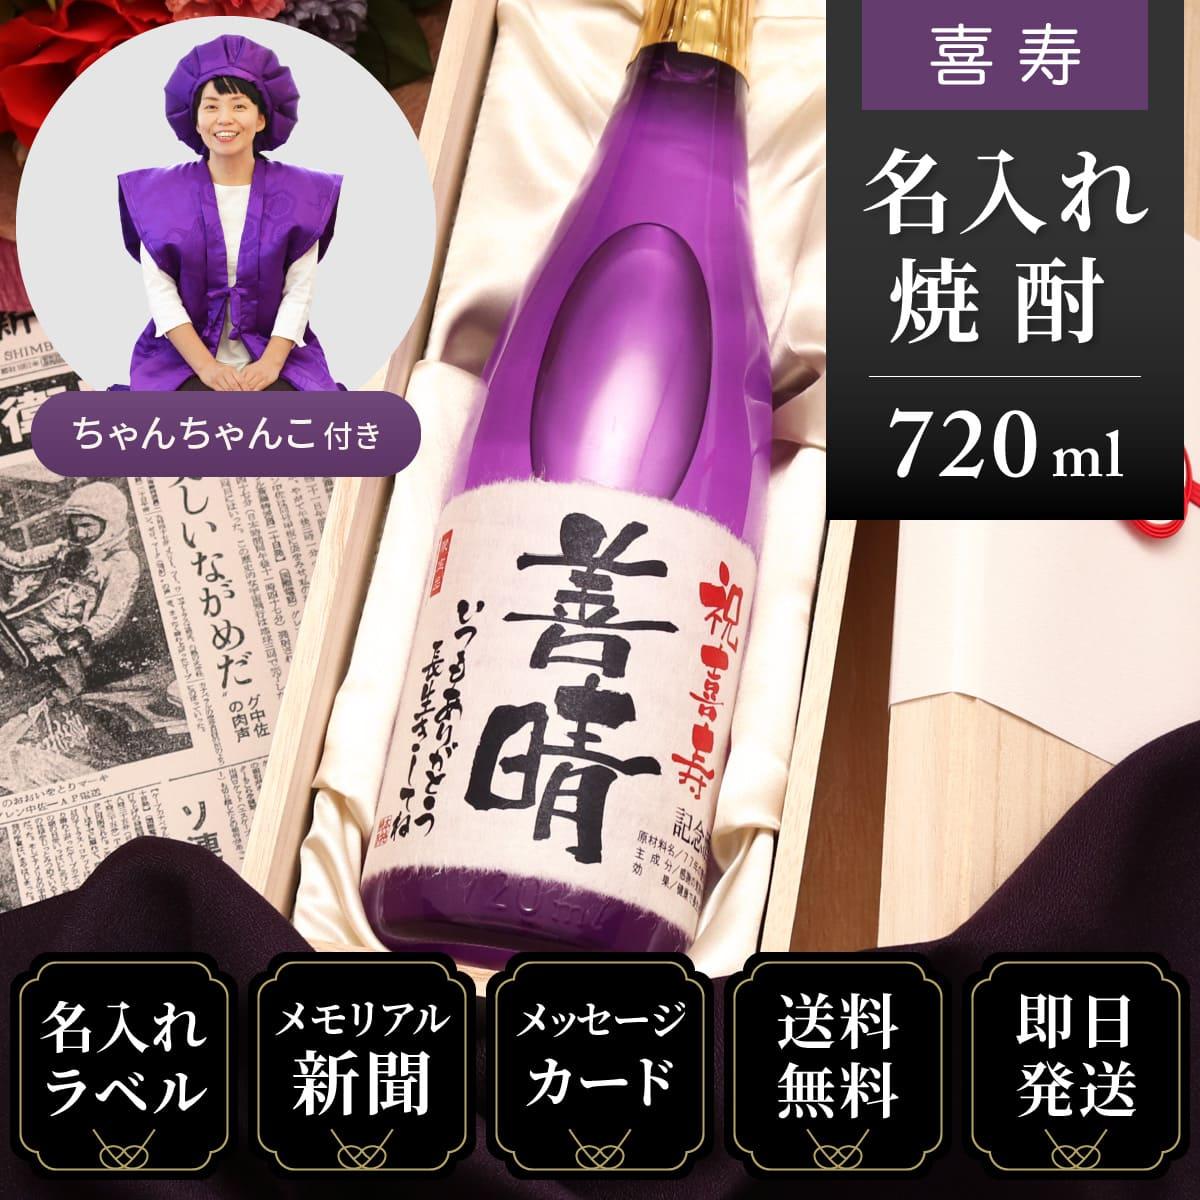 喜寿ちゃんちゃんこ(日本製)と紫瓶セット「華乃桔梗」720ml(酒粕焼酎)